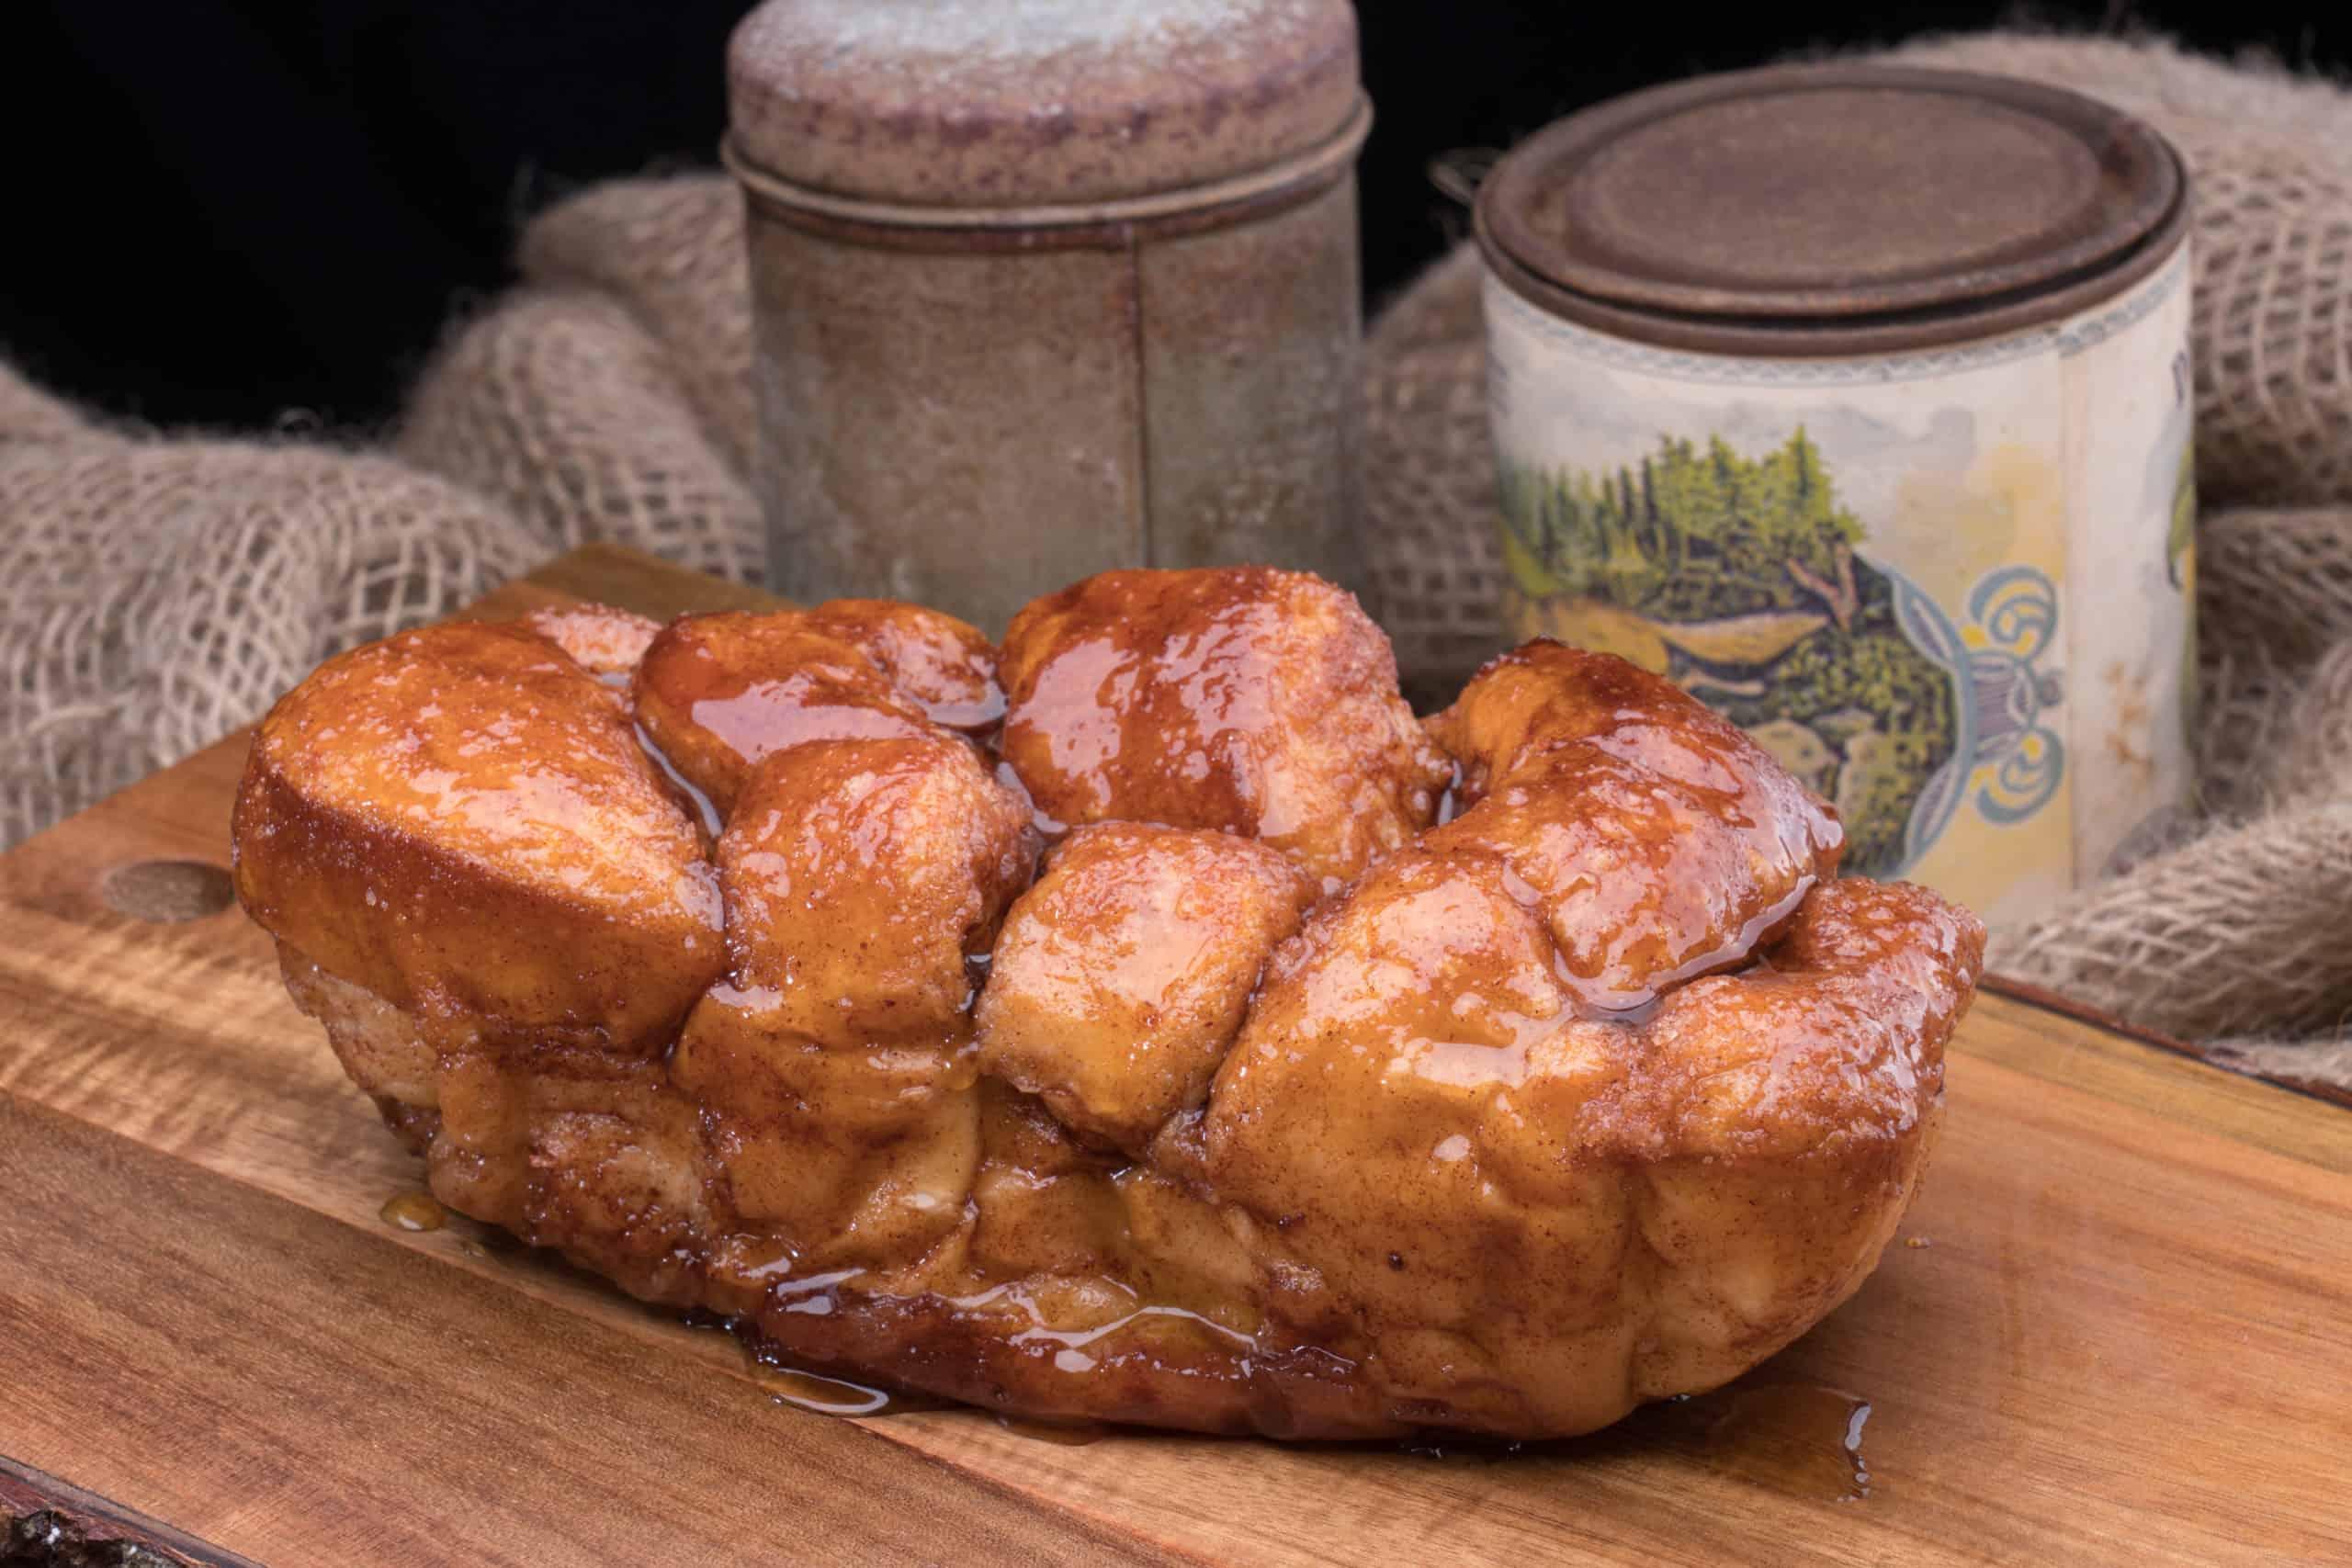 Dollywood cinnamon bread